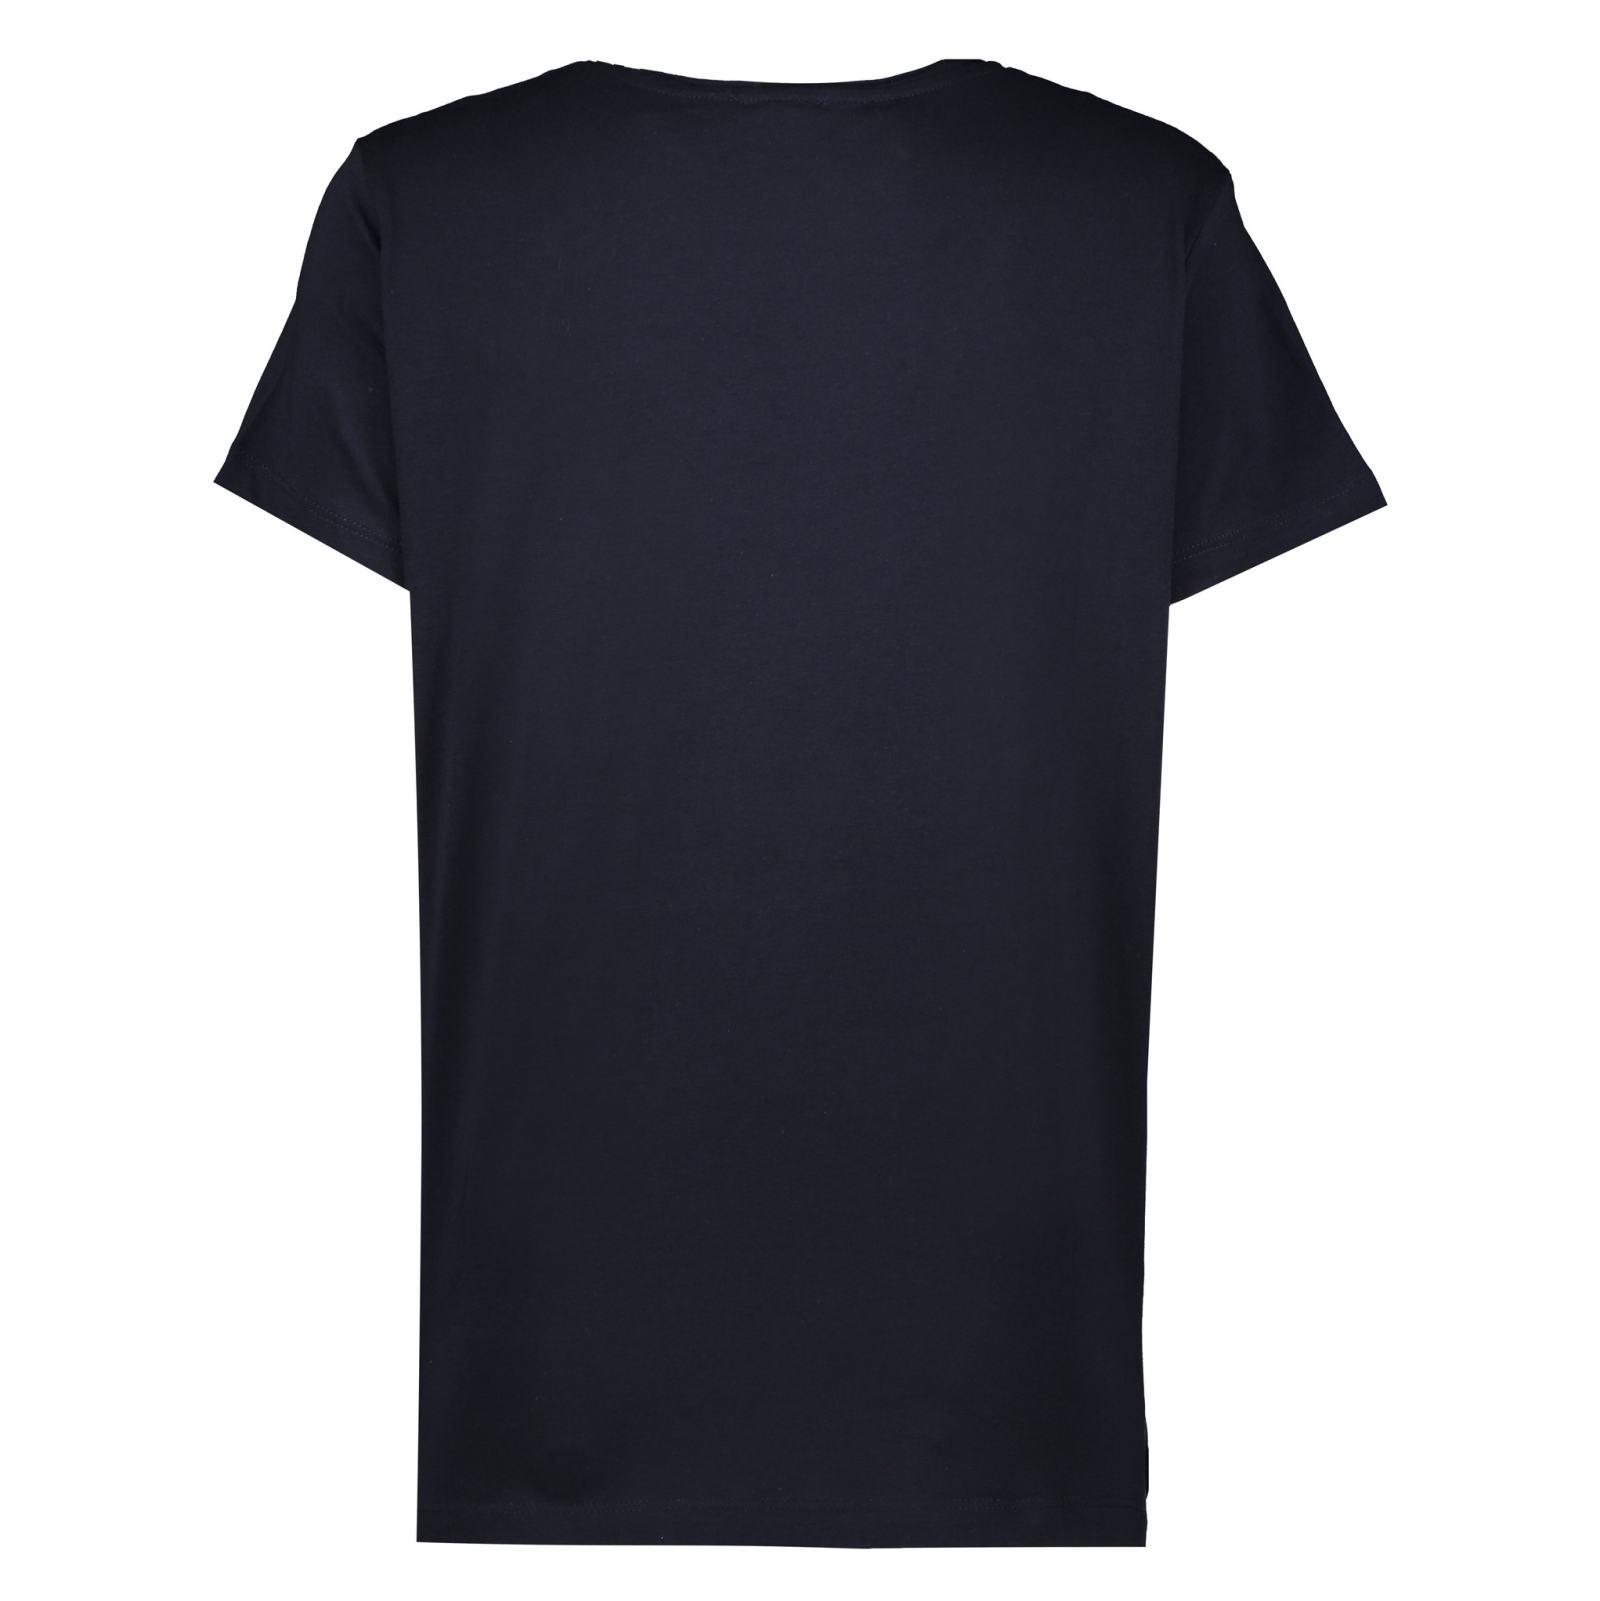 تی شرت زنانه یوپیم مدل 5137755 -  - 3